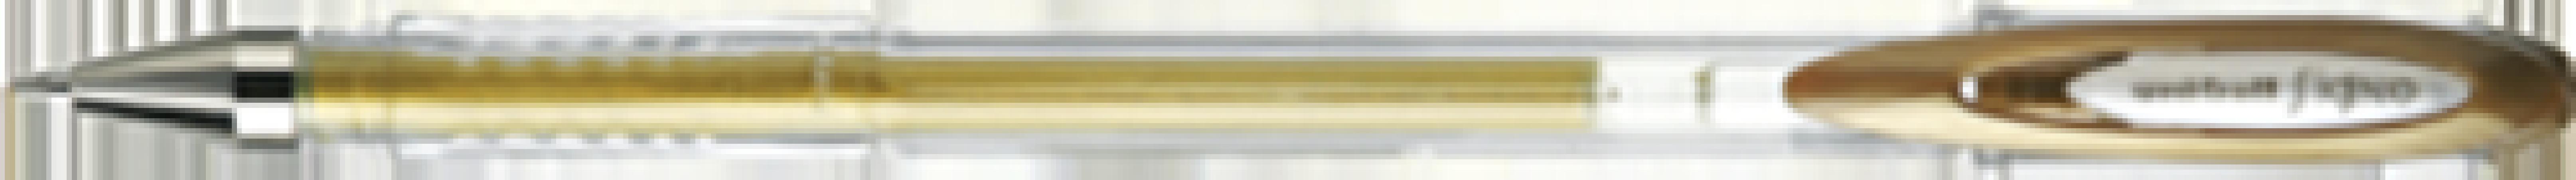 Uni-Ball SIGNO METTALIC